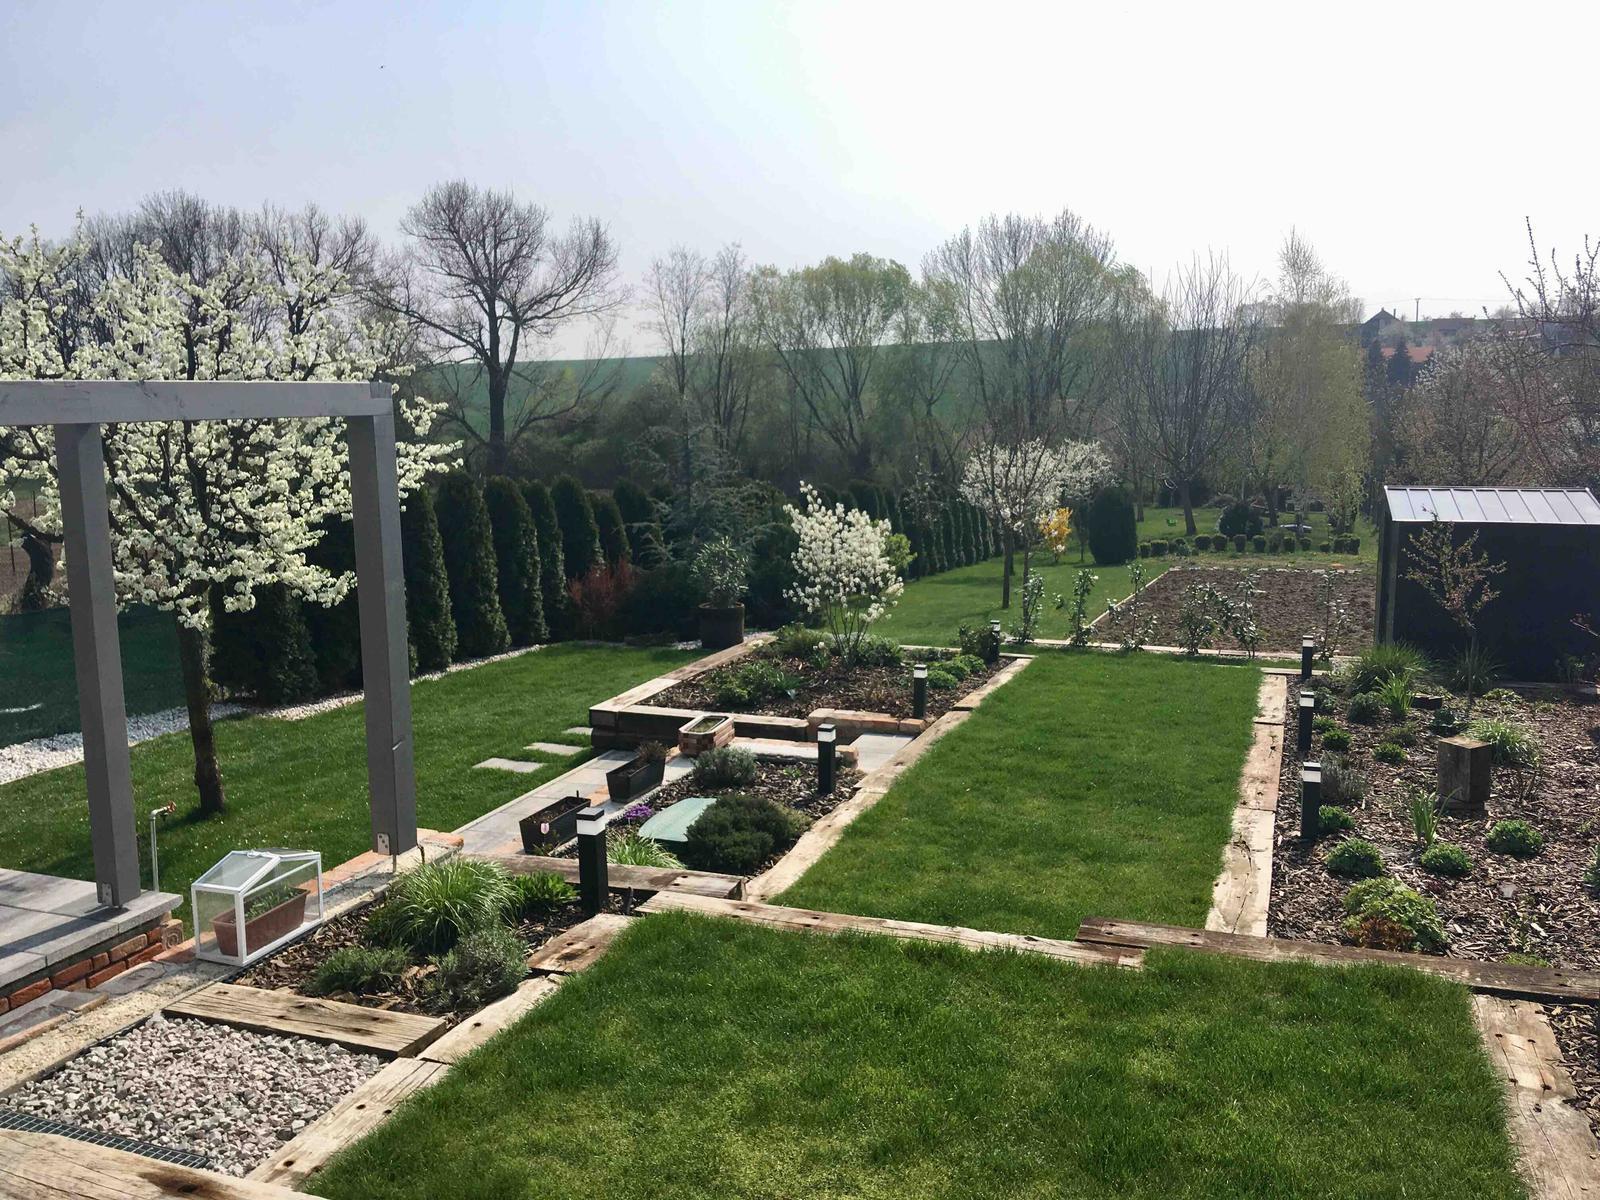 Názov stavby 3 - in da garden - slivky a muchovník v jarnej kráse